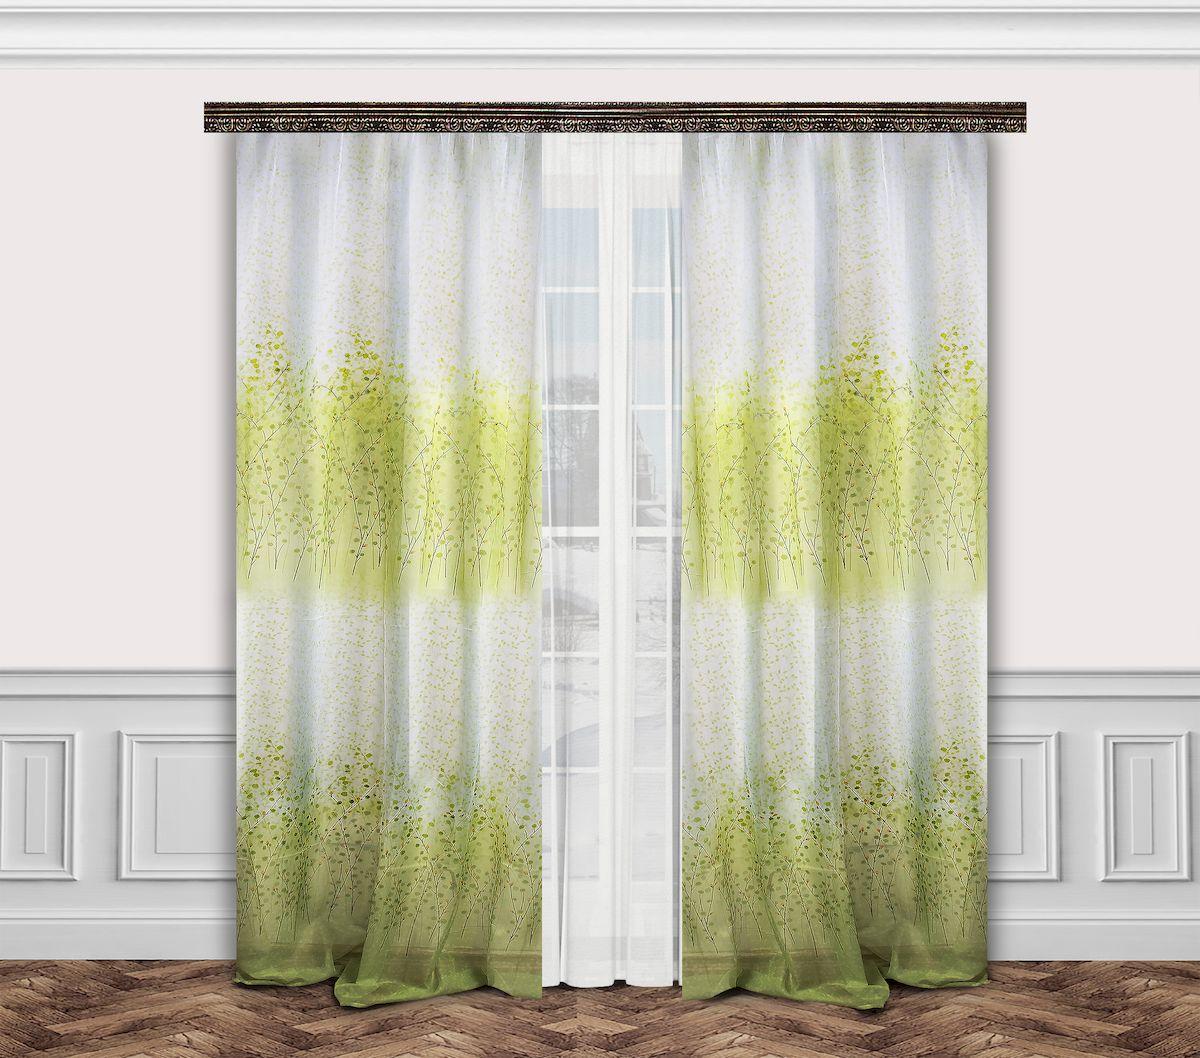 Комплект штор Zlata Korunka, на ленте, цвет: белый, салатовый, высота 260 см. 77700310503Комплект штор Zlata Korunka, выполненный из полиэстера, великолепно украсит любое окно. Комплект состоит из тюля, двух штор и двух подхватов. Оригинальный рисунок и приятная цветовая гамма привлекут к себе внимание и органично впишутся в интерьер помещения. Этот комплект будет долгое время радовать вас и вашу семью!Комплект крепится на карниз при помощи ленты, которая поможет красиво и равномерно задрапировать верх.В комплект входит: Тюль: 1 шт. Размер (Ш х В): 350 см х 260 см. Штора: 2 шт. Размер (Ш х В): 160 см х 260 см.Подхват: 2 шт.